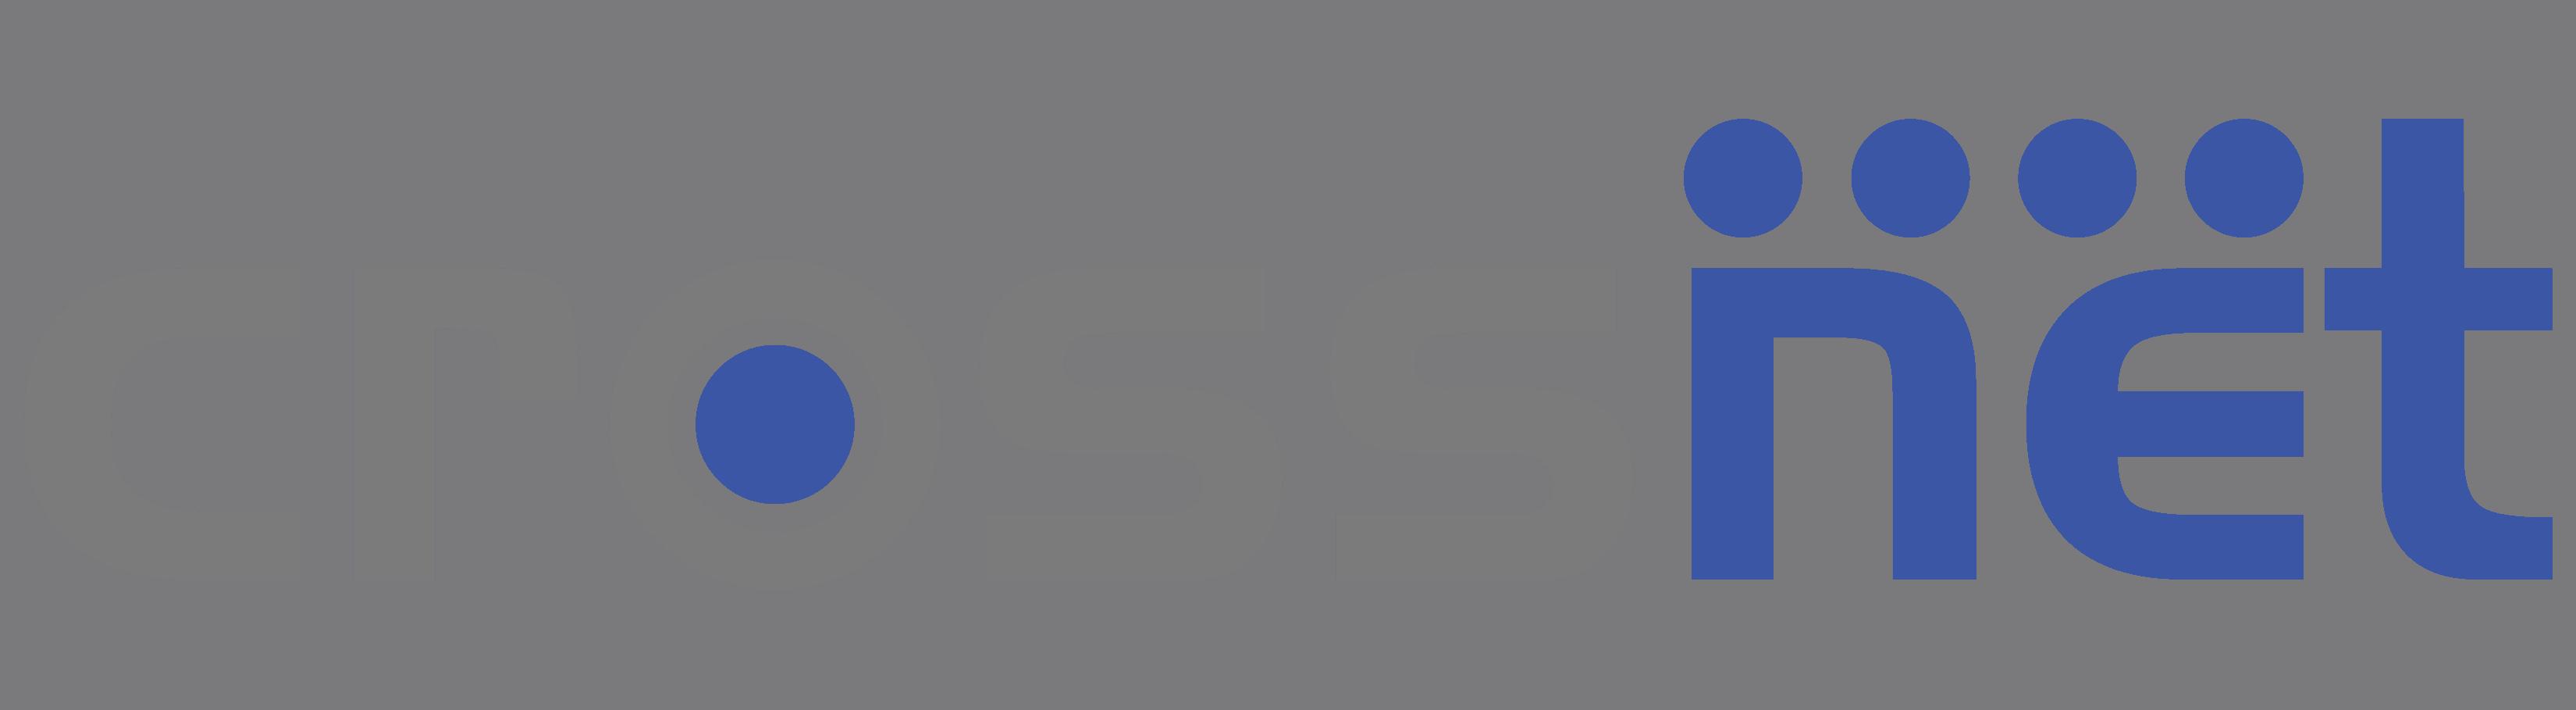 Logo crossnet 01 01